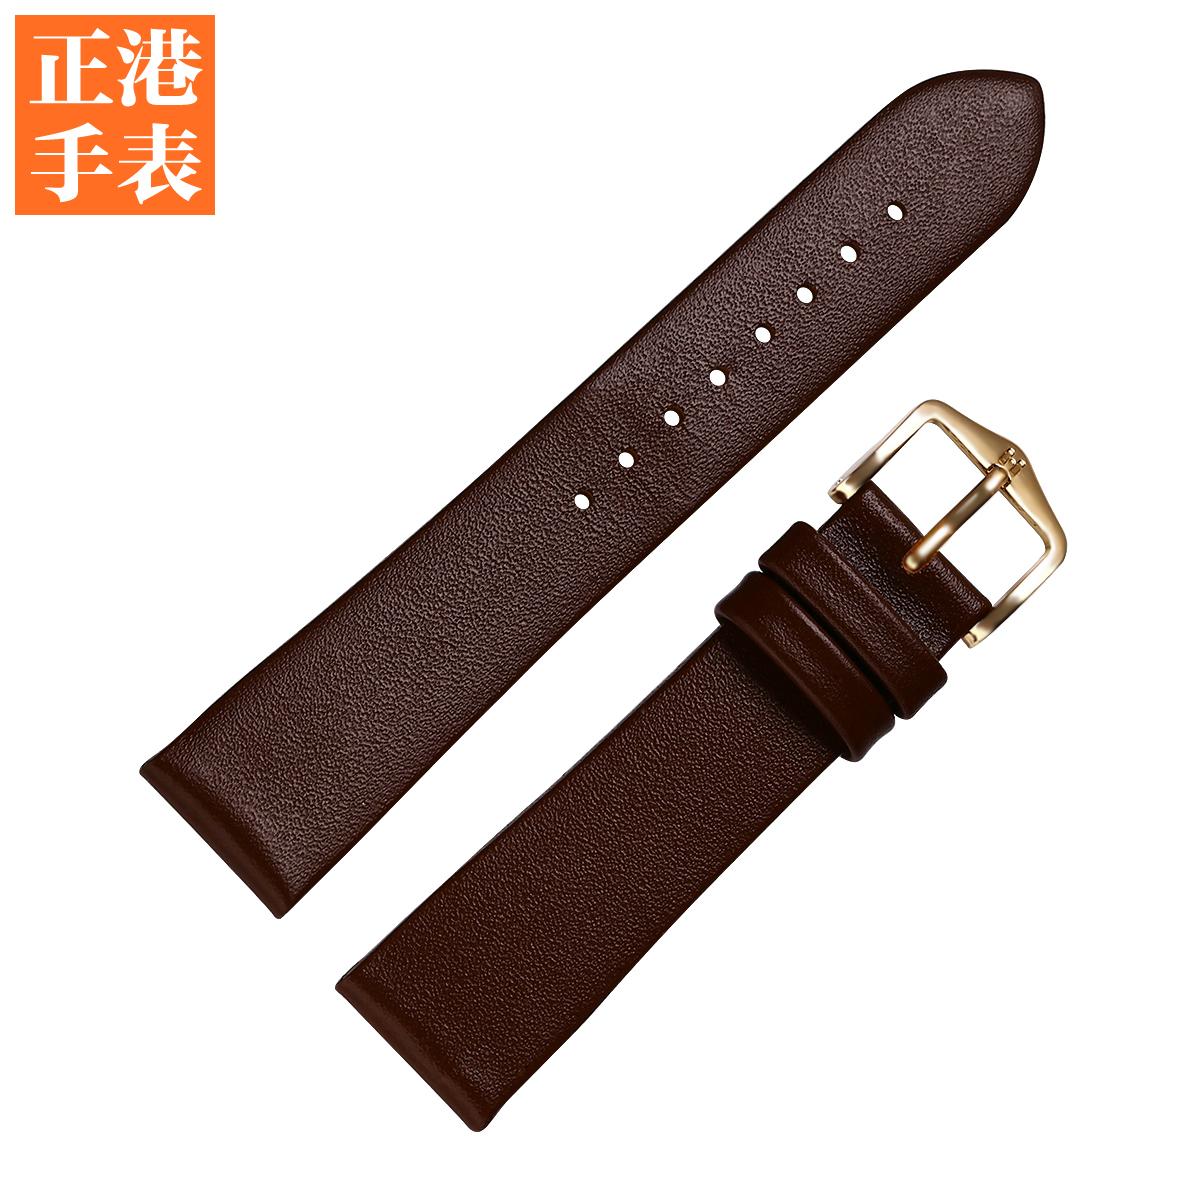 正港时尚真皮手表带简约针扣表带女士手表配件8|10|12|14|16|18MM